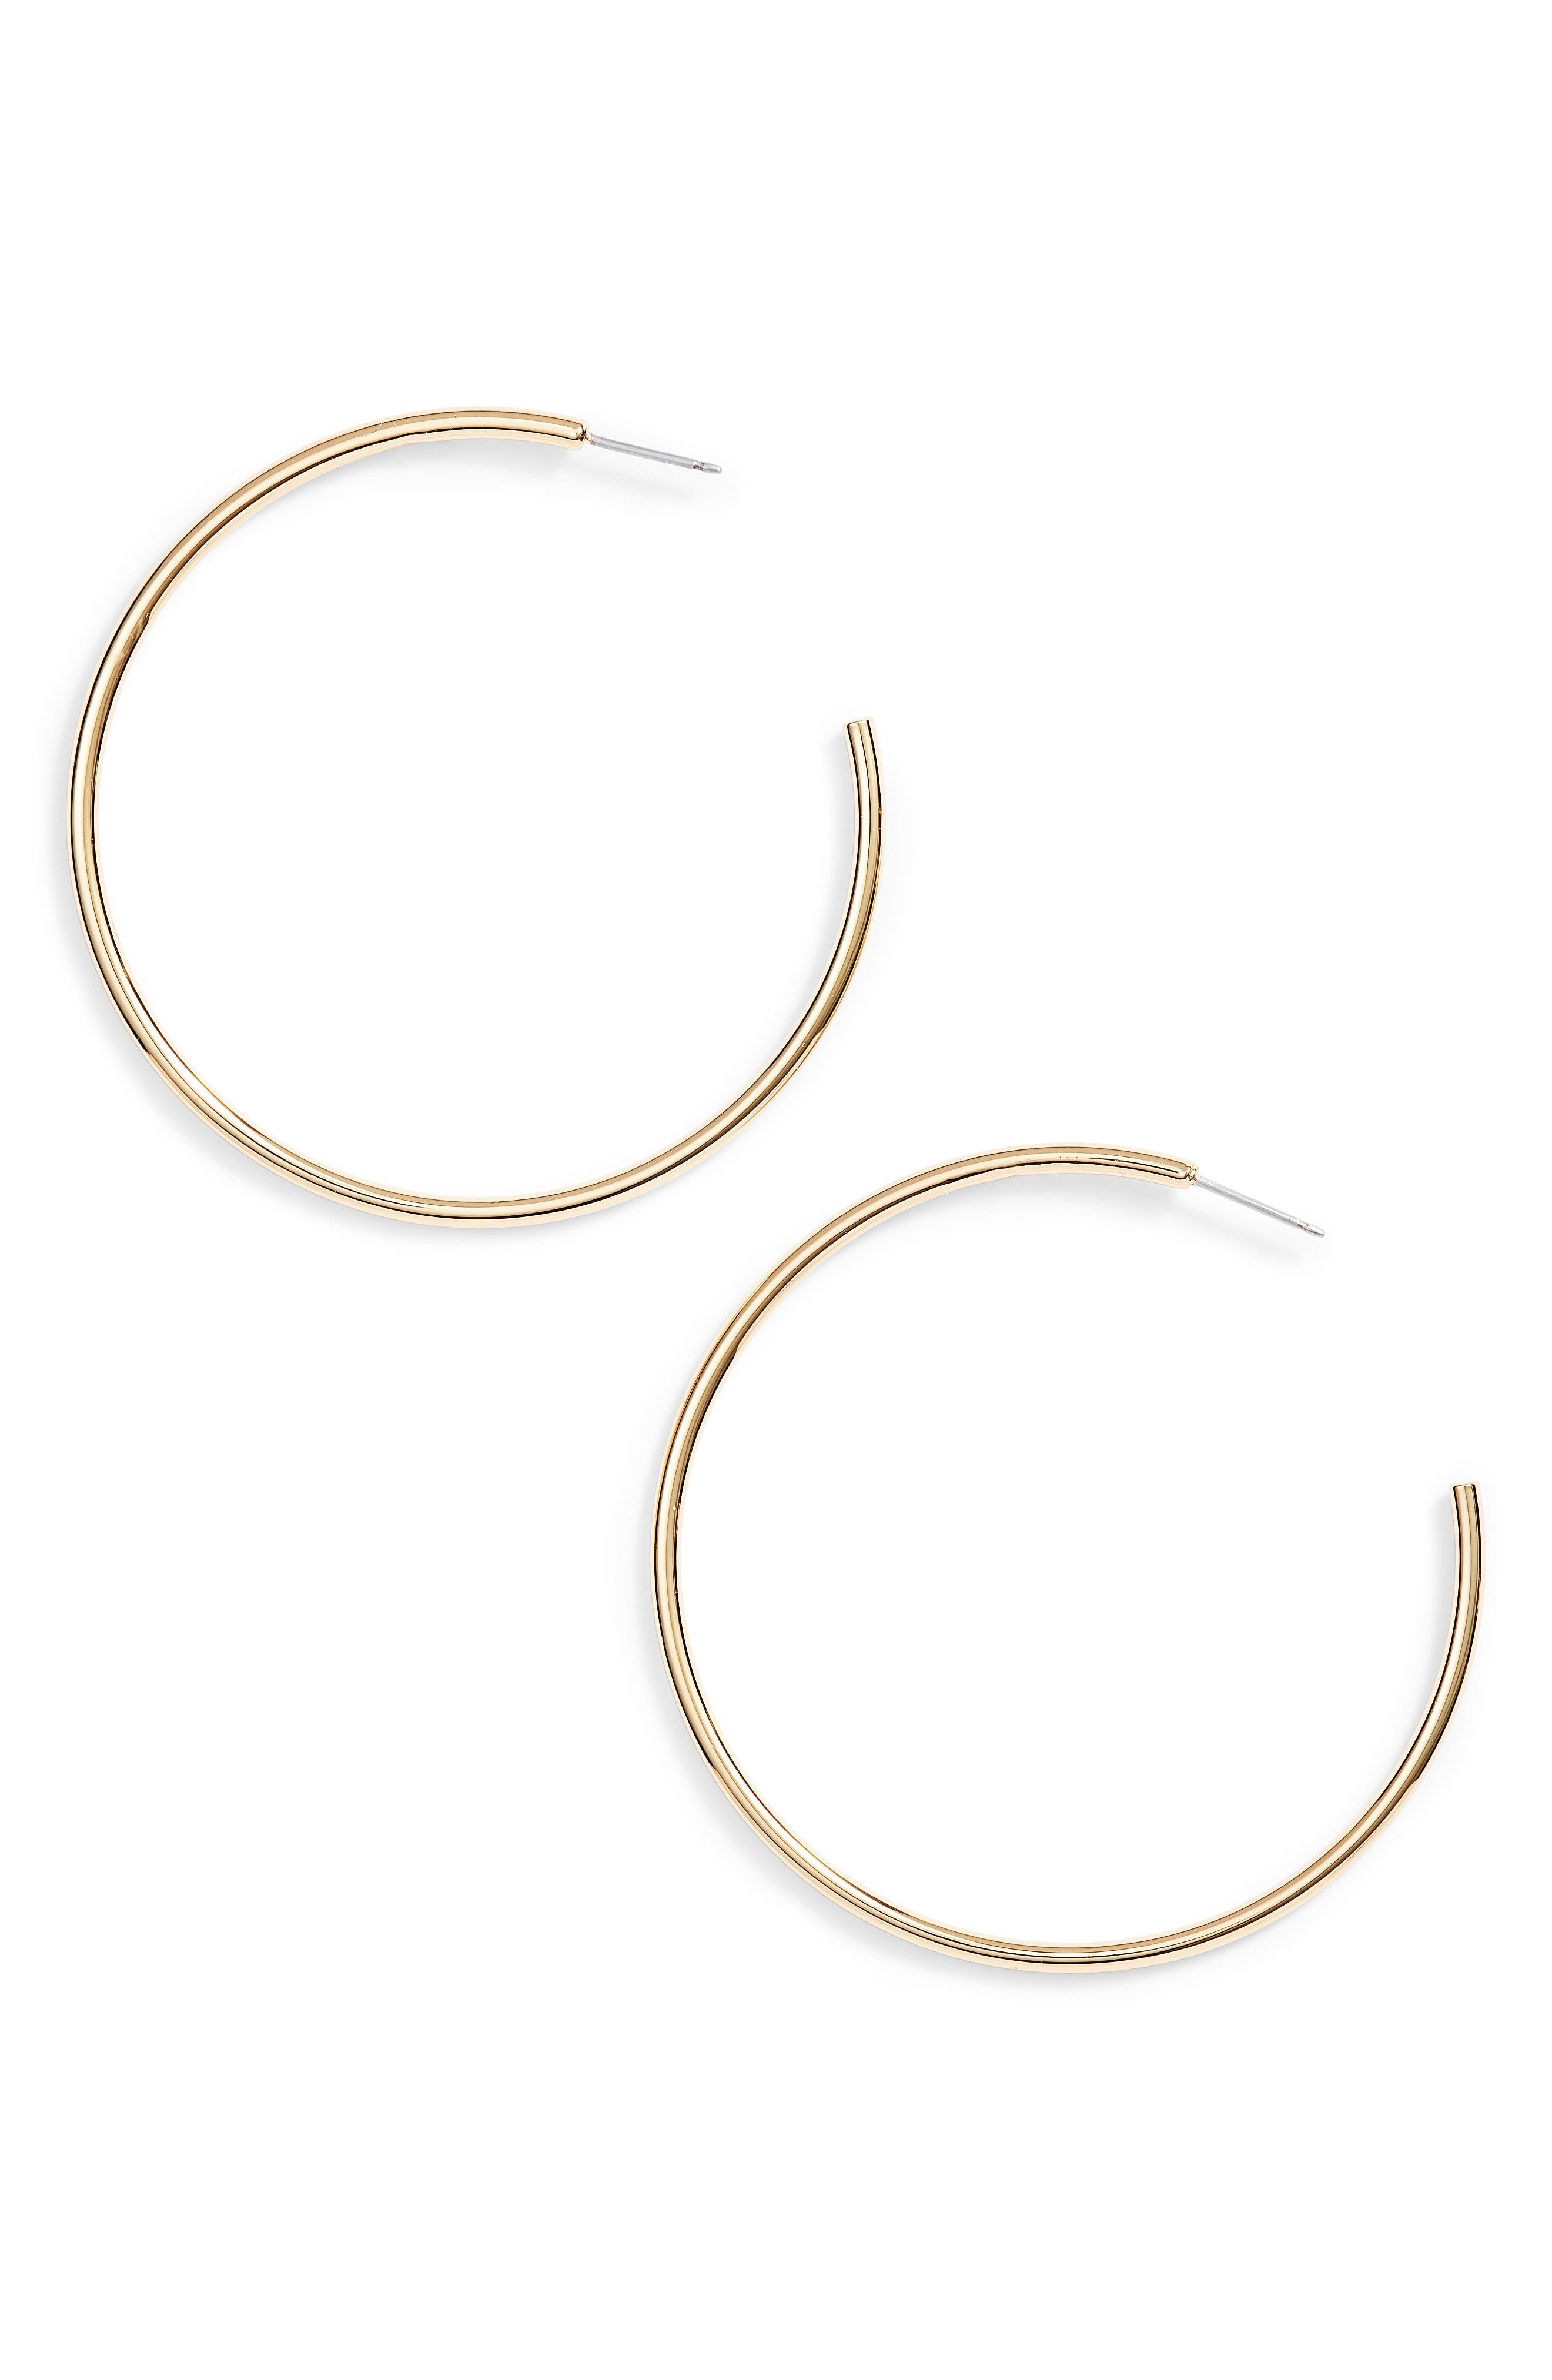 Vince Camuto Open Hoop Earrings